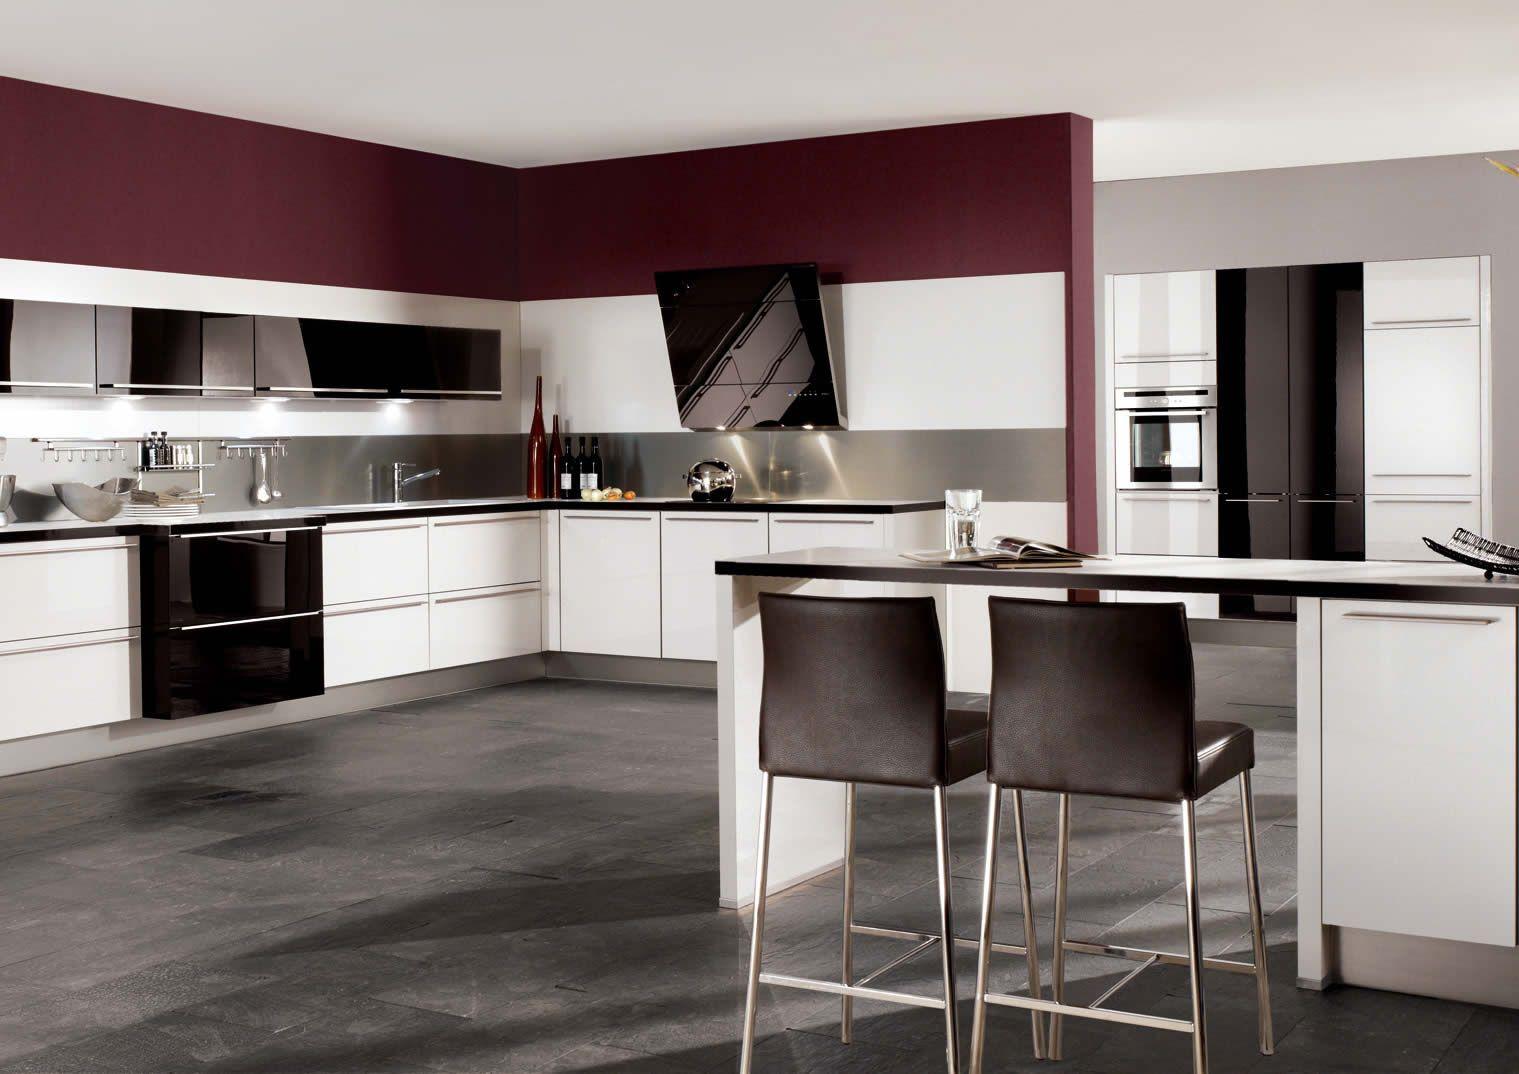 awesome german kitchen designs - Maroon Kitchen Decoration